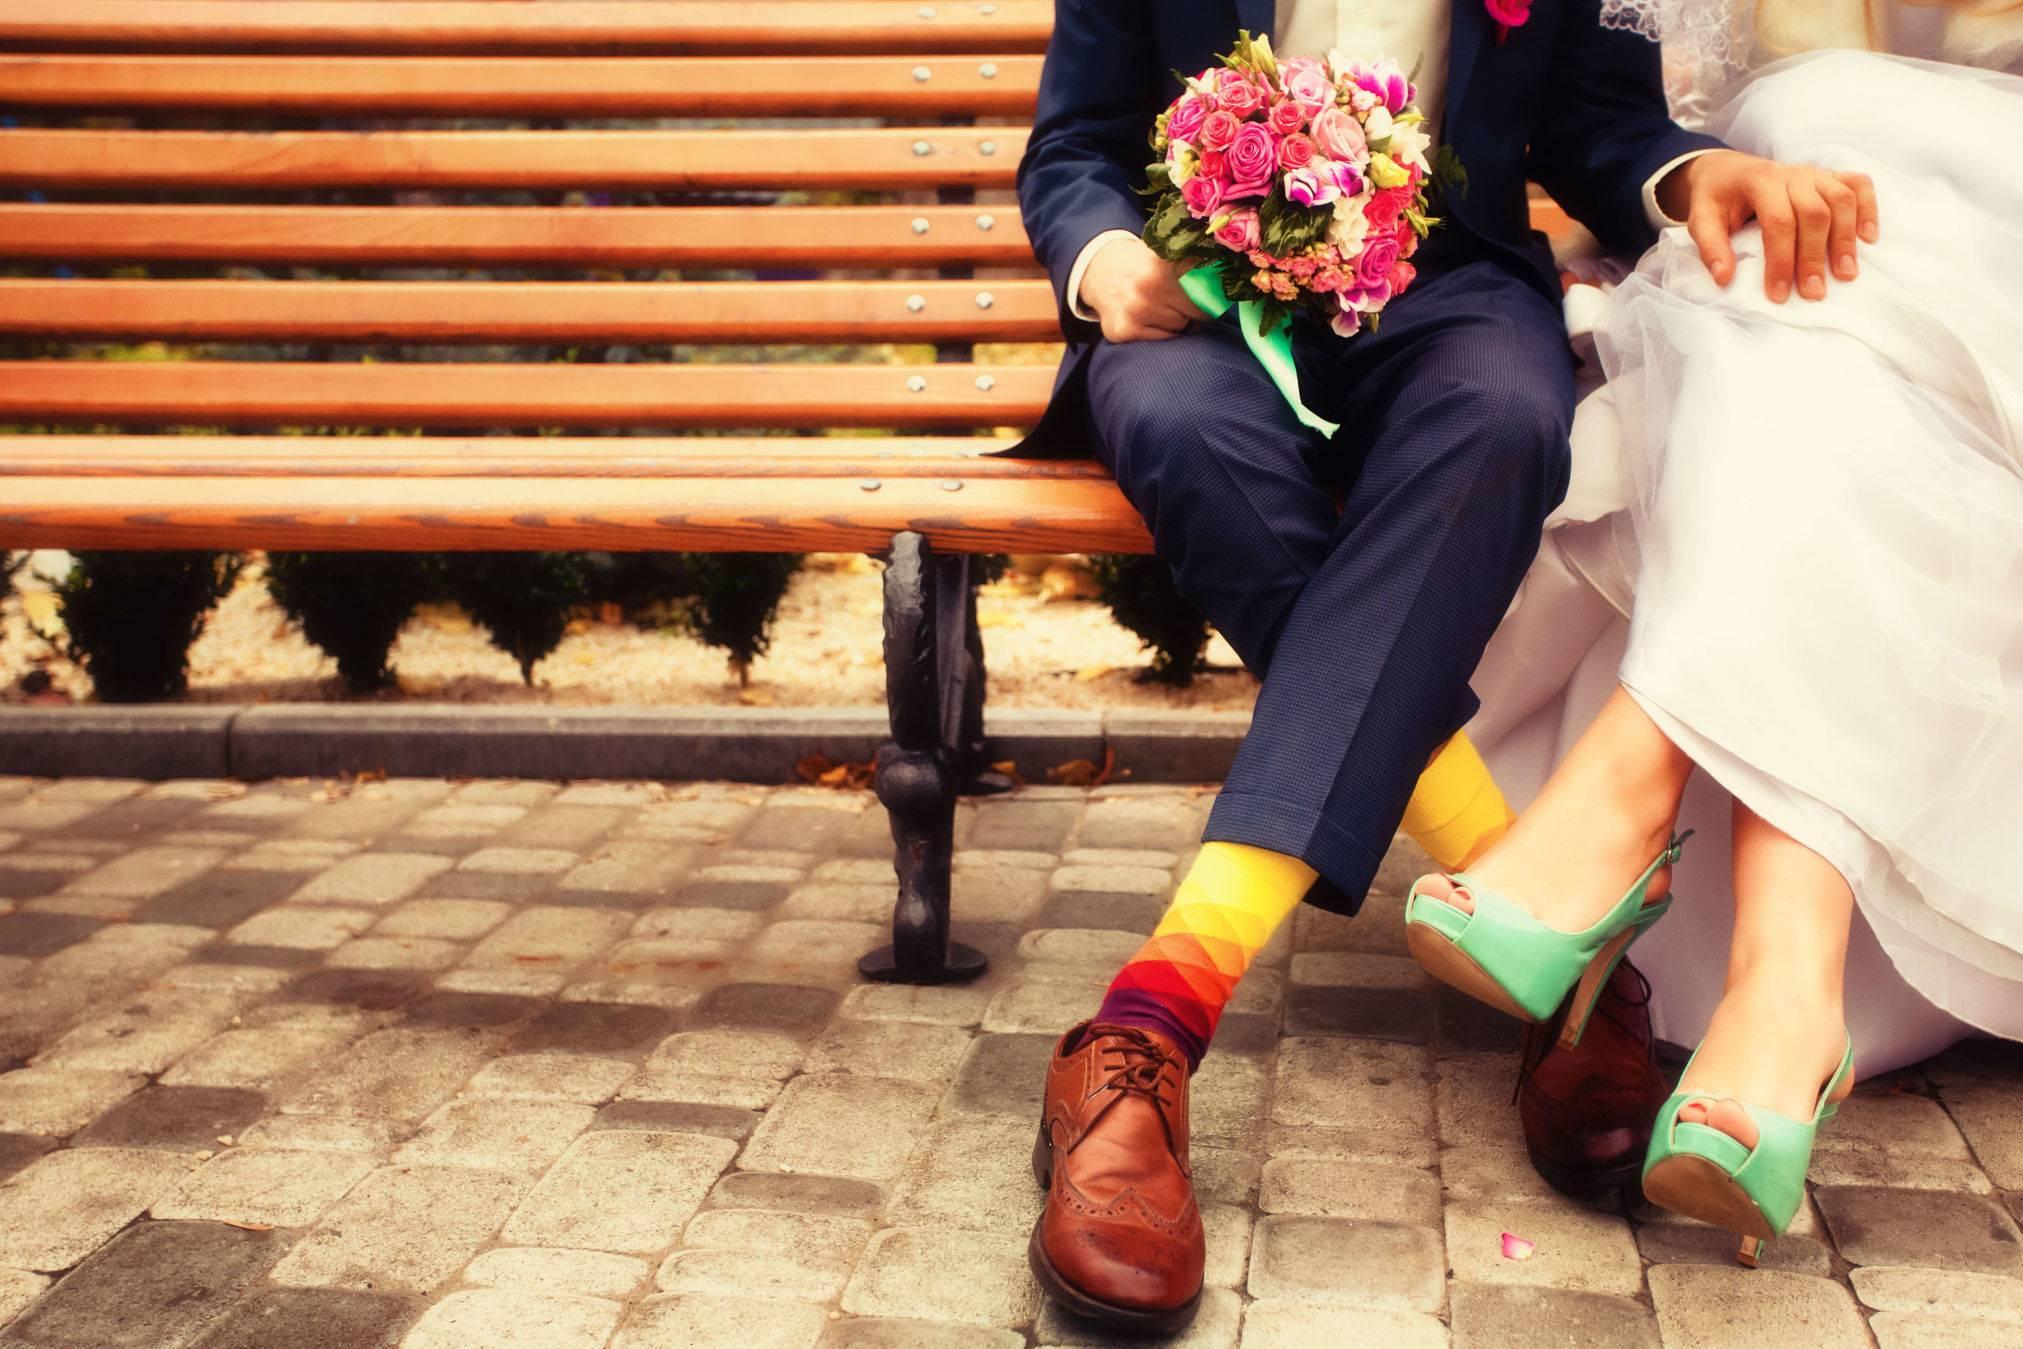 Приз за самую незабываемую брачную ночь достается…